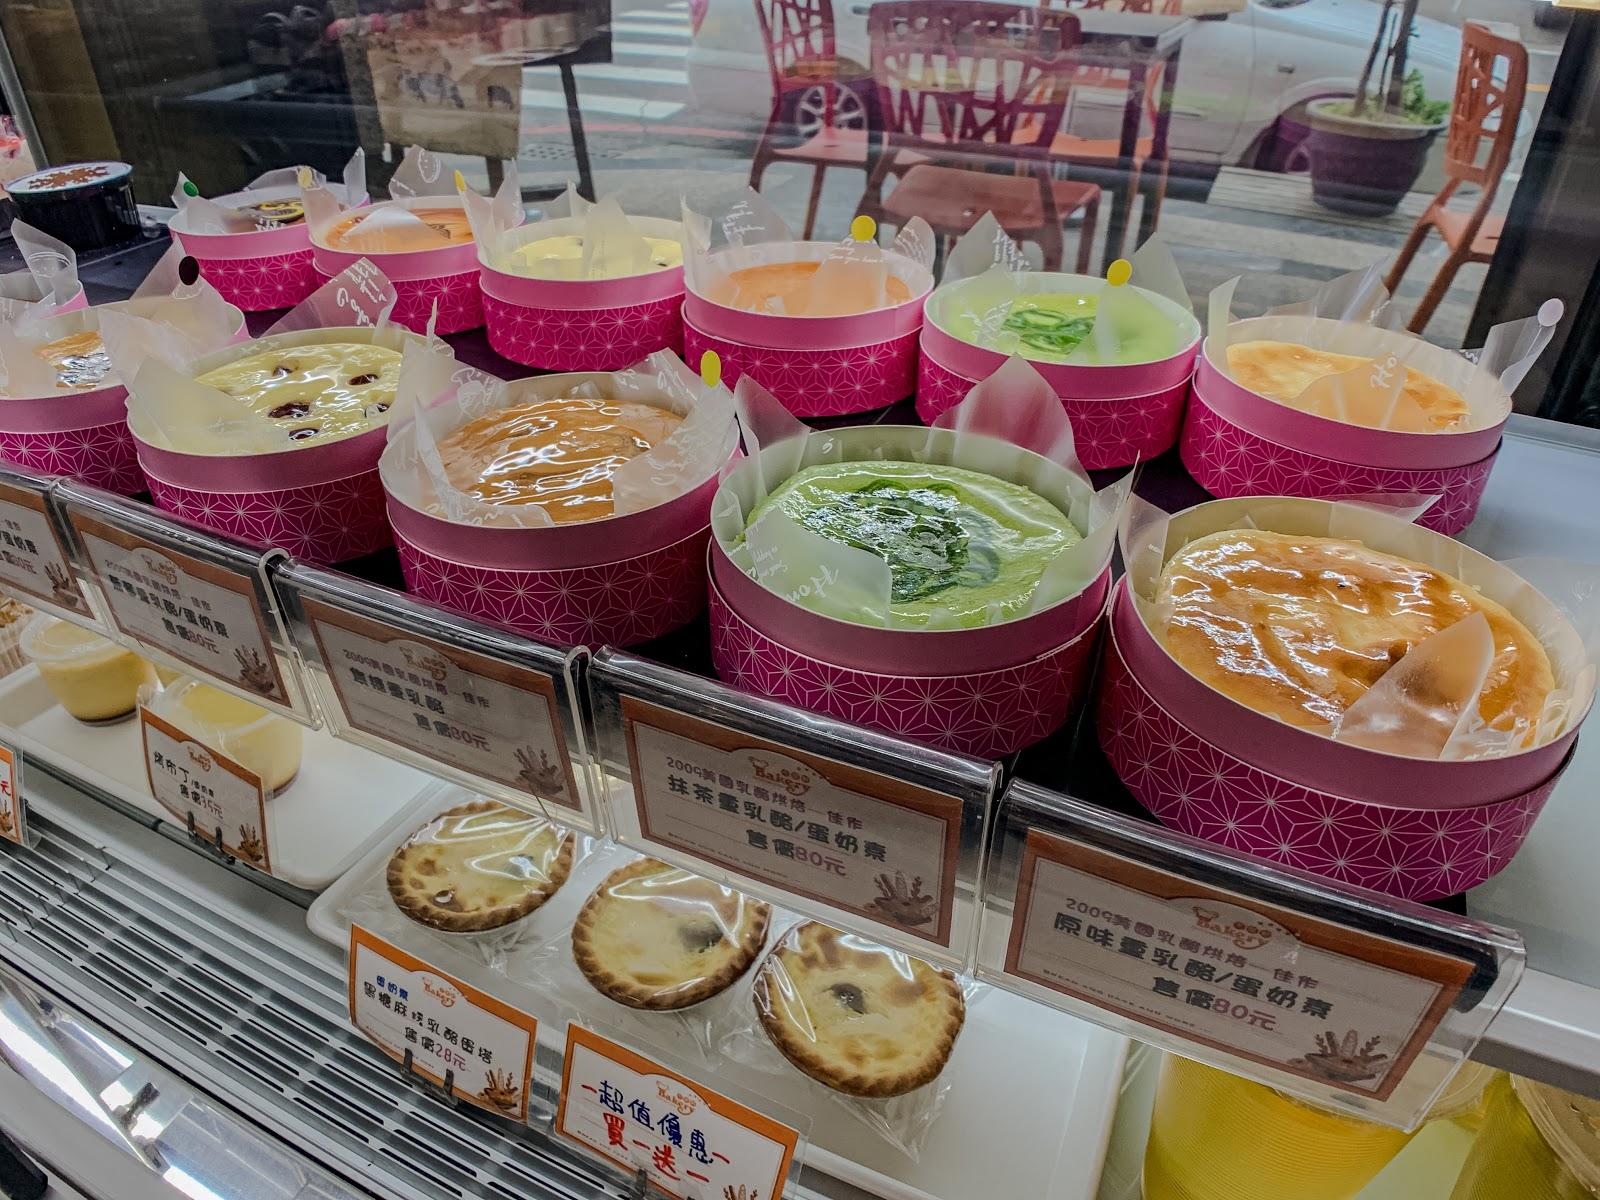 IMG_3052-[台南][永康區]千家軒烘焙坊